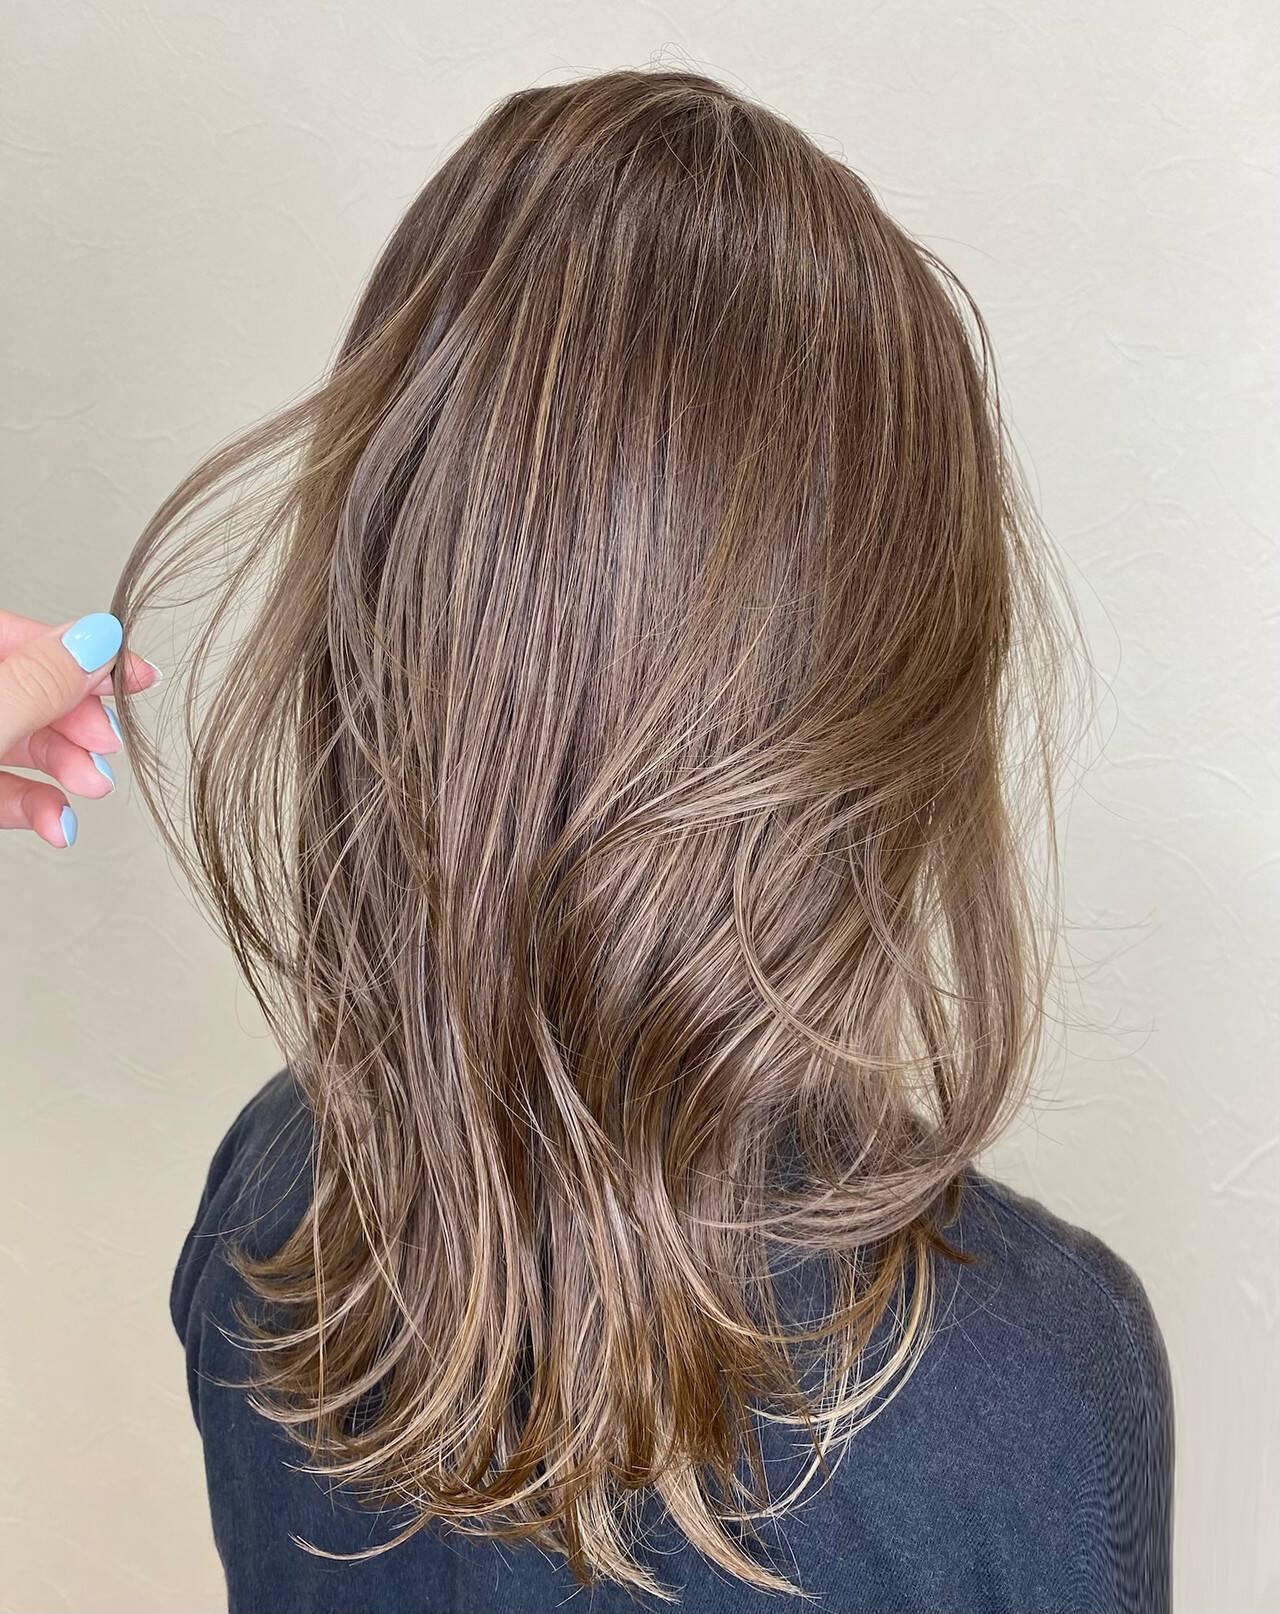 ハイライト ナチュラル セミロング 大人ハイライトヘアスタイルや髪型の写真・画像